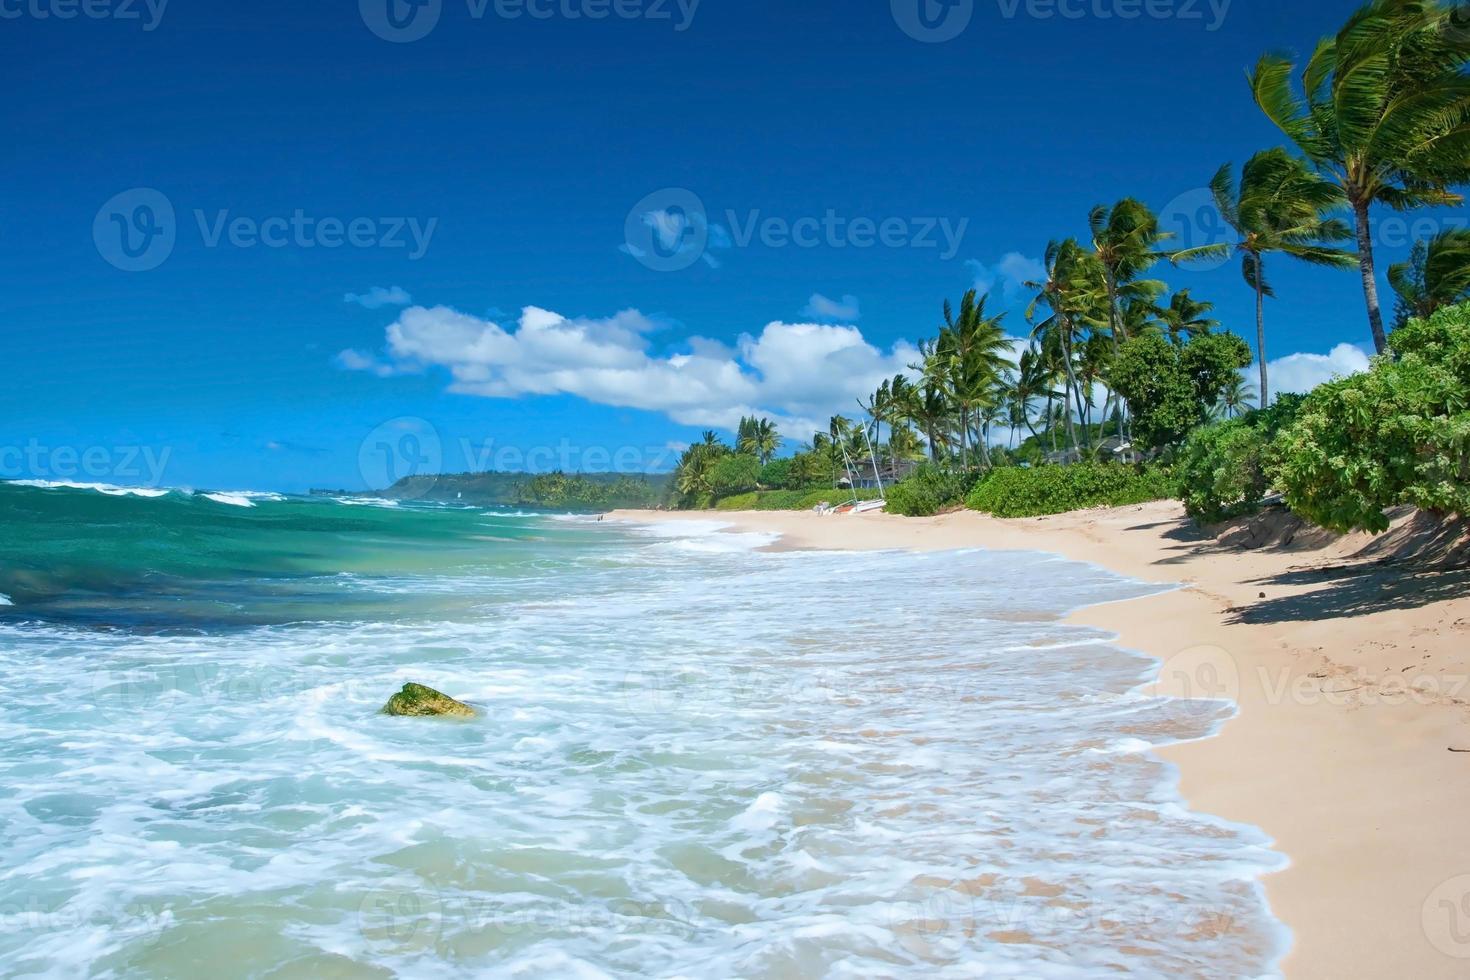 praia intocada com palmeiras e oceano azul foto